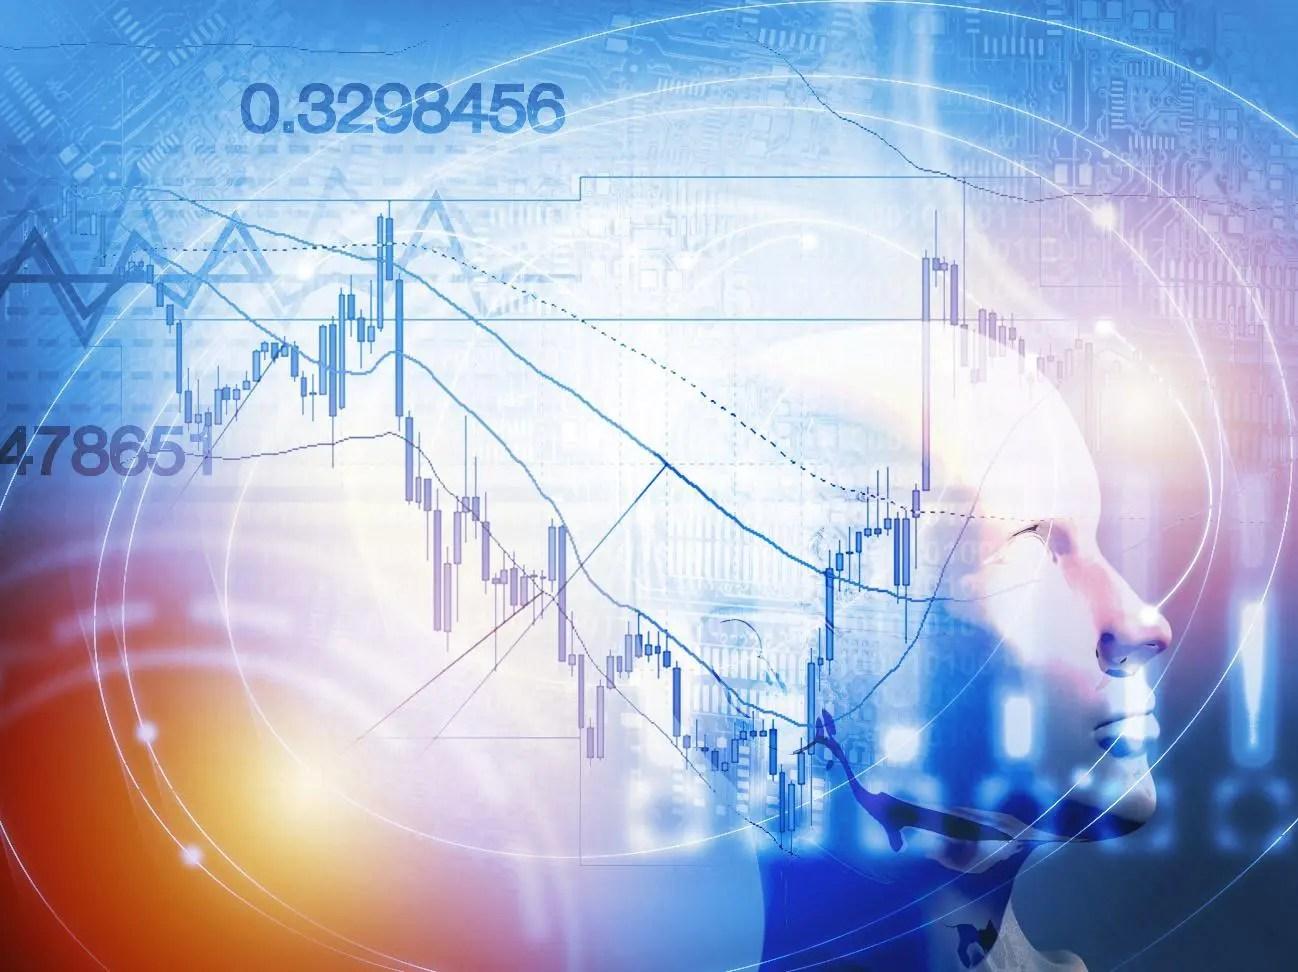 クオンツ運用で高い利回りを誇るヘッジファンド「ルネッサンステクノロジー」とは?